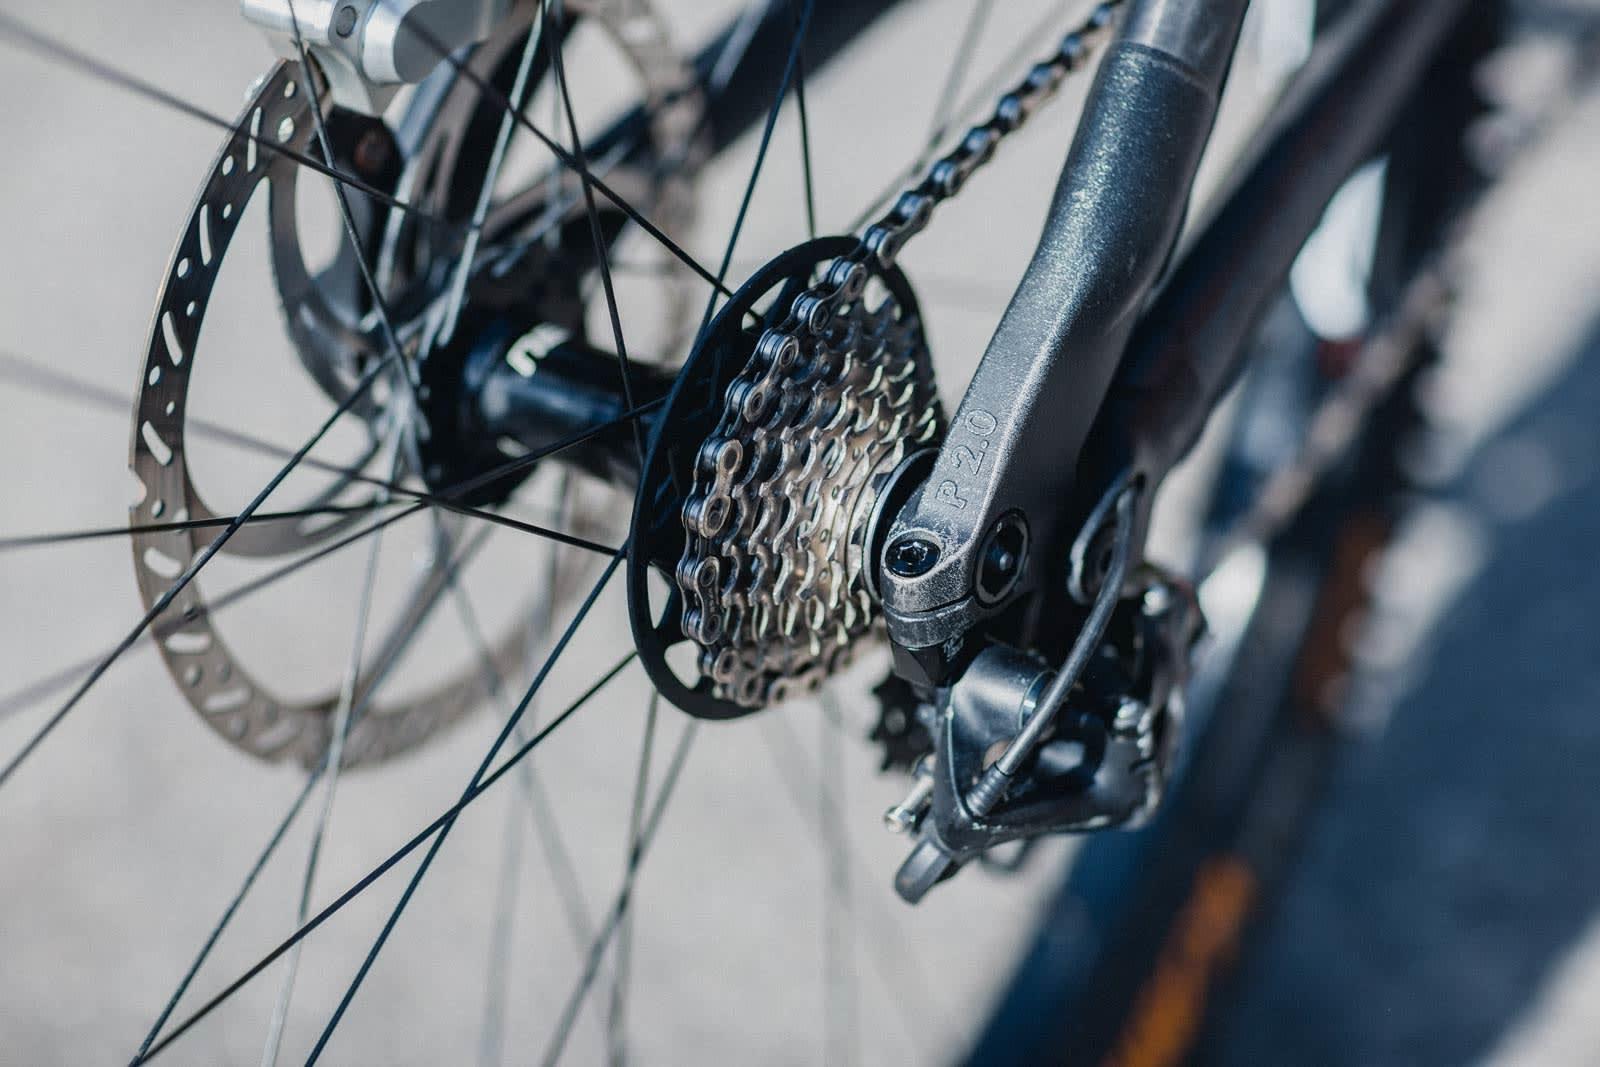 ANDRE VERSJON: Sykkelen kan komponeres og bygges i flere steg. Mille er nå på sin andre versjon av bakrammen, som er merket med «2.0».